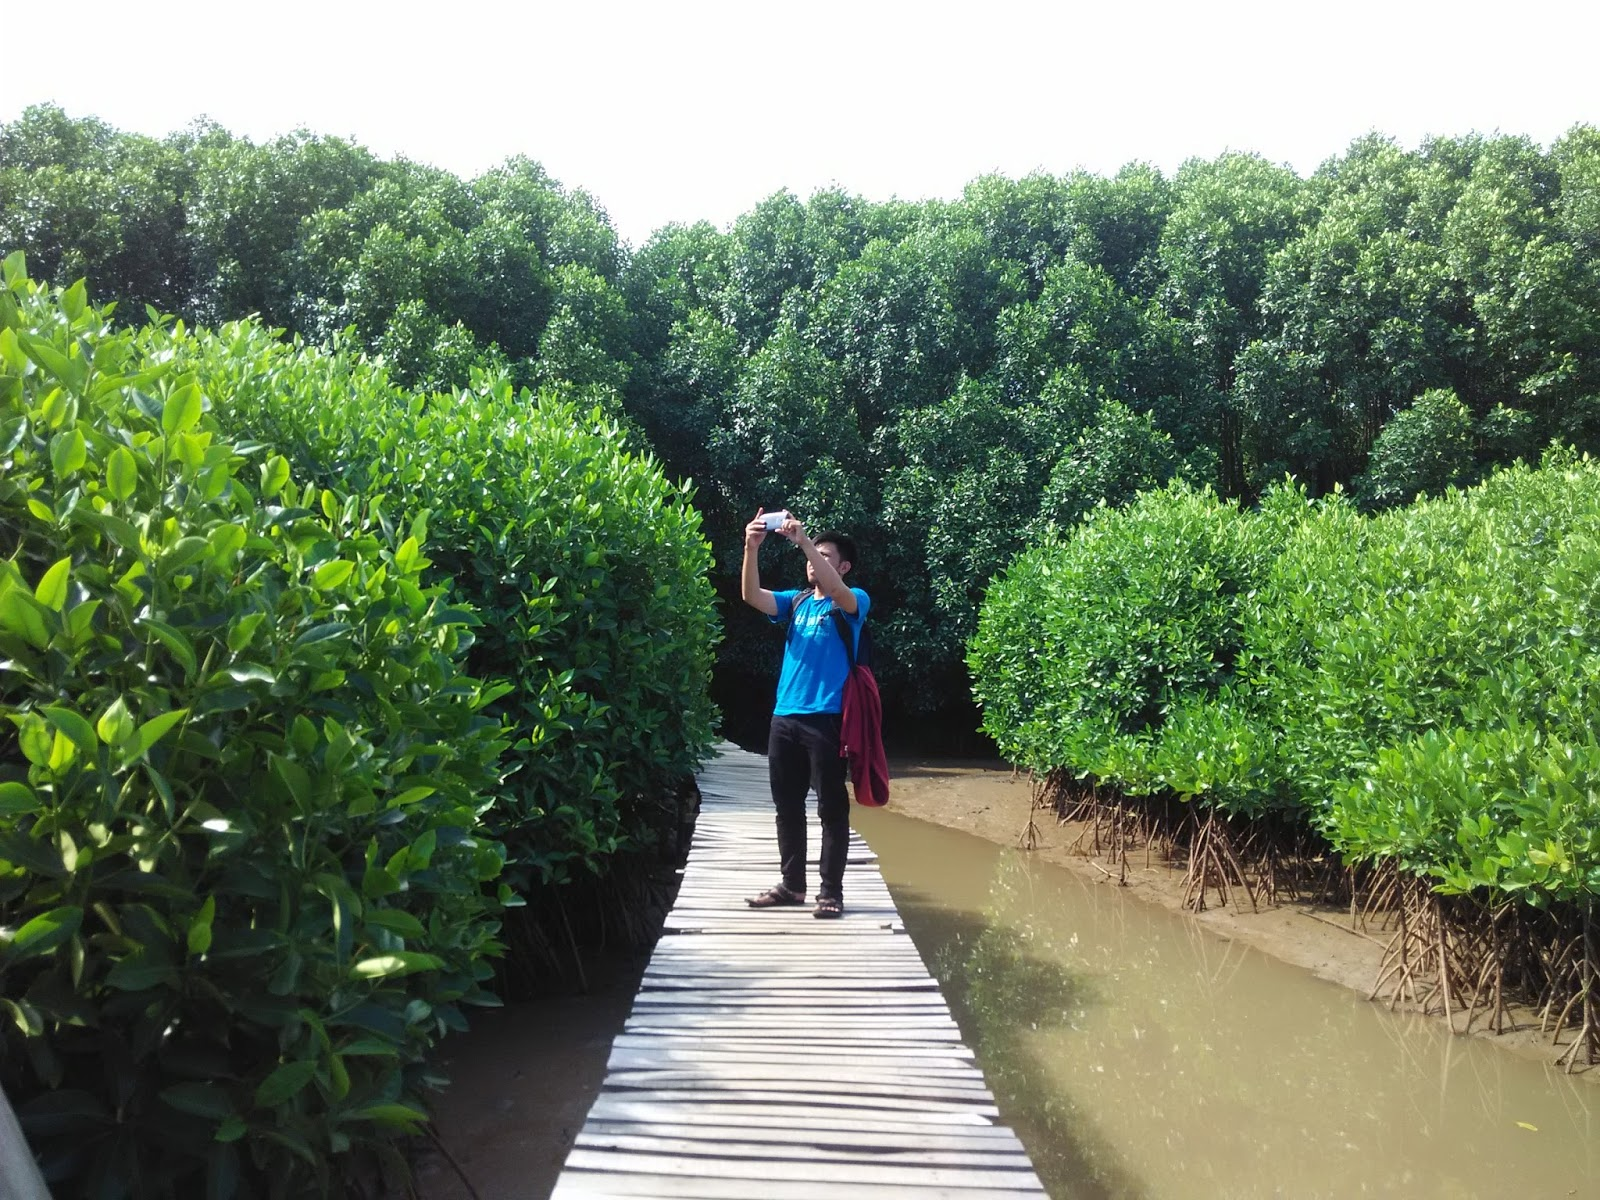 Hutan Mangrove Pantai Ayah Kebumen Adem Charis Fuadi Pengikisan Oleh